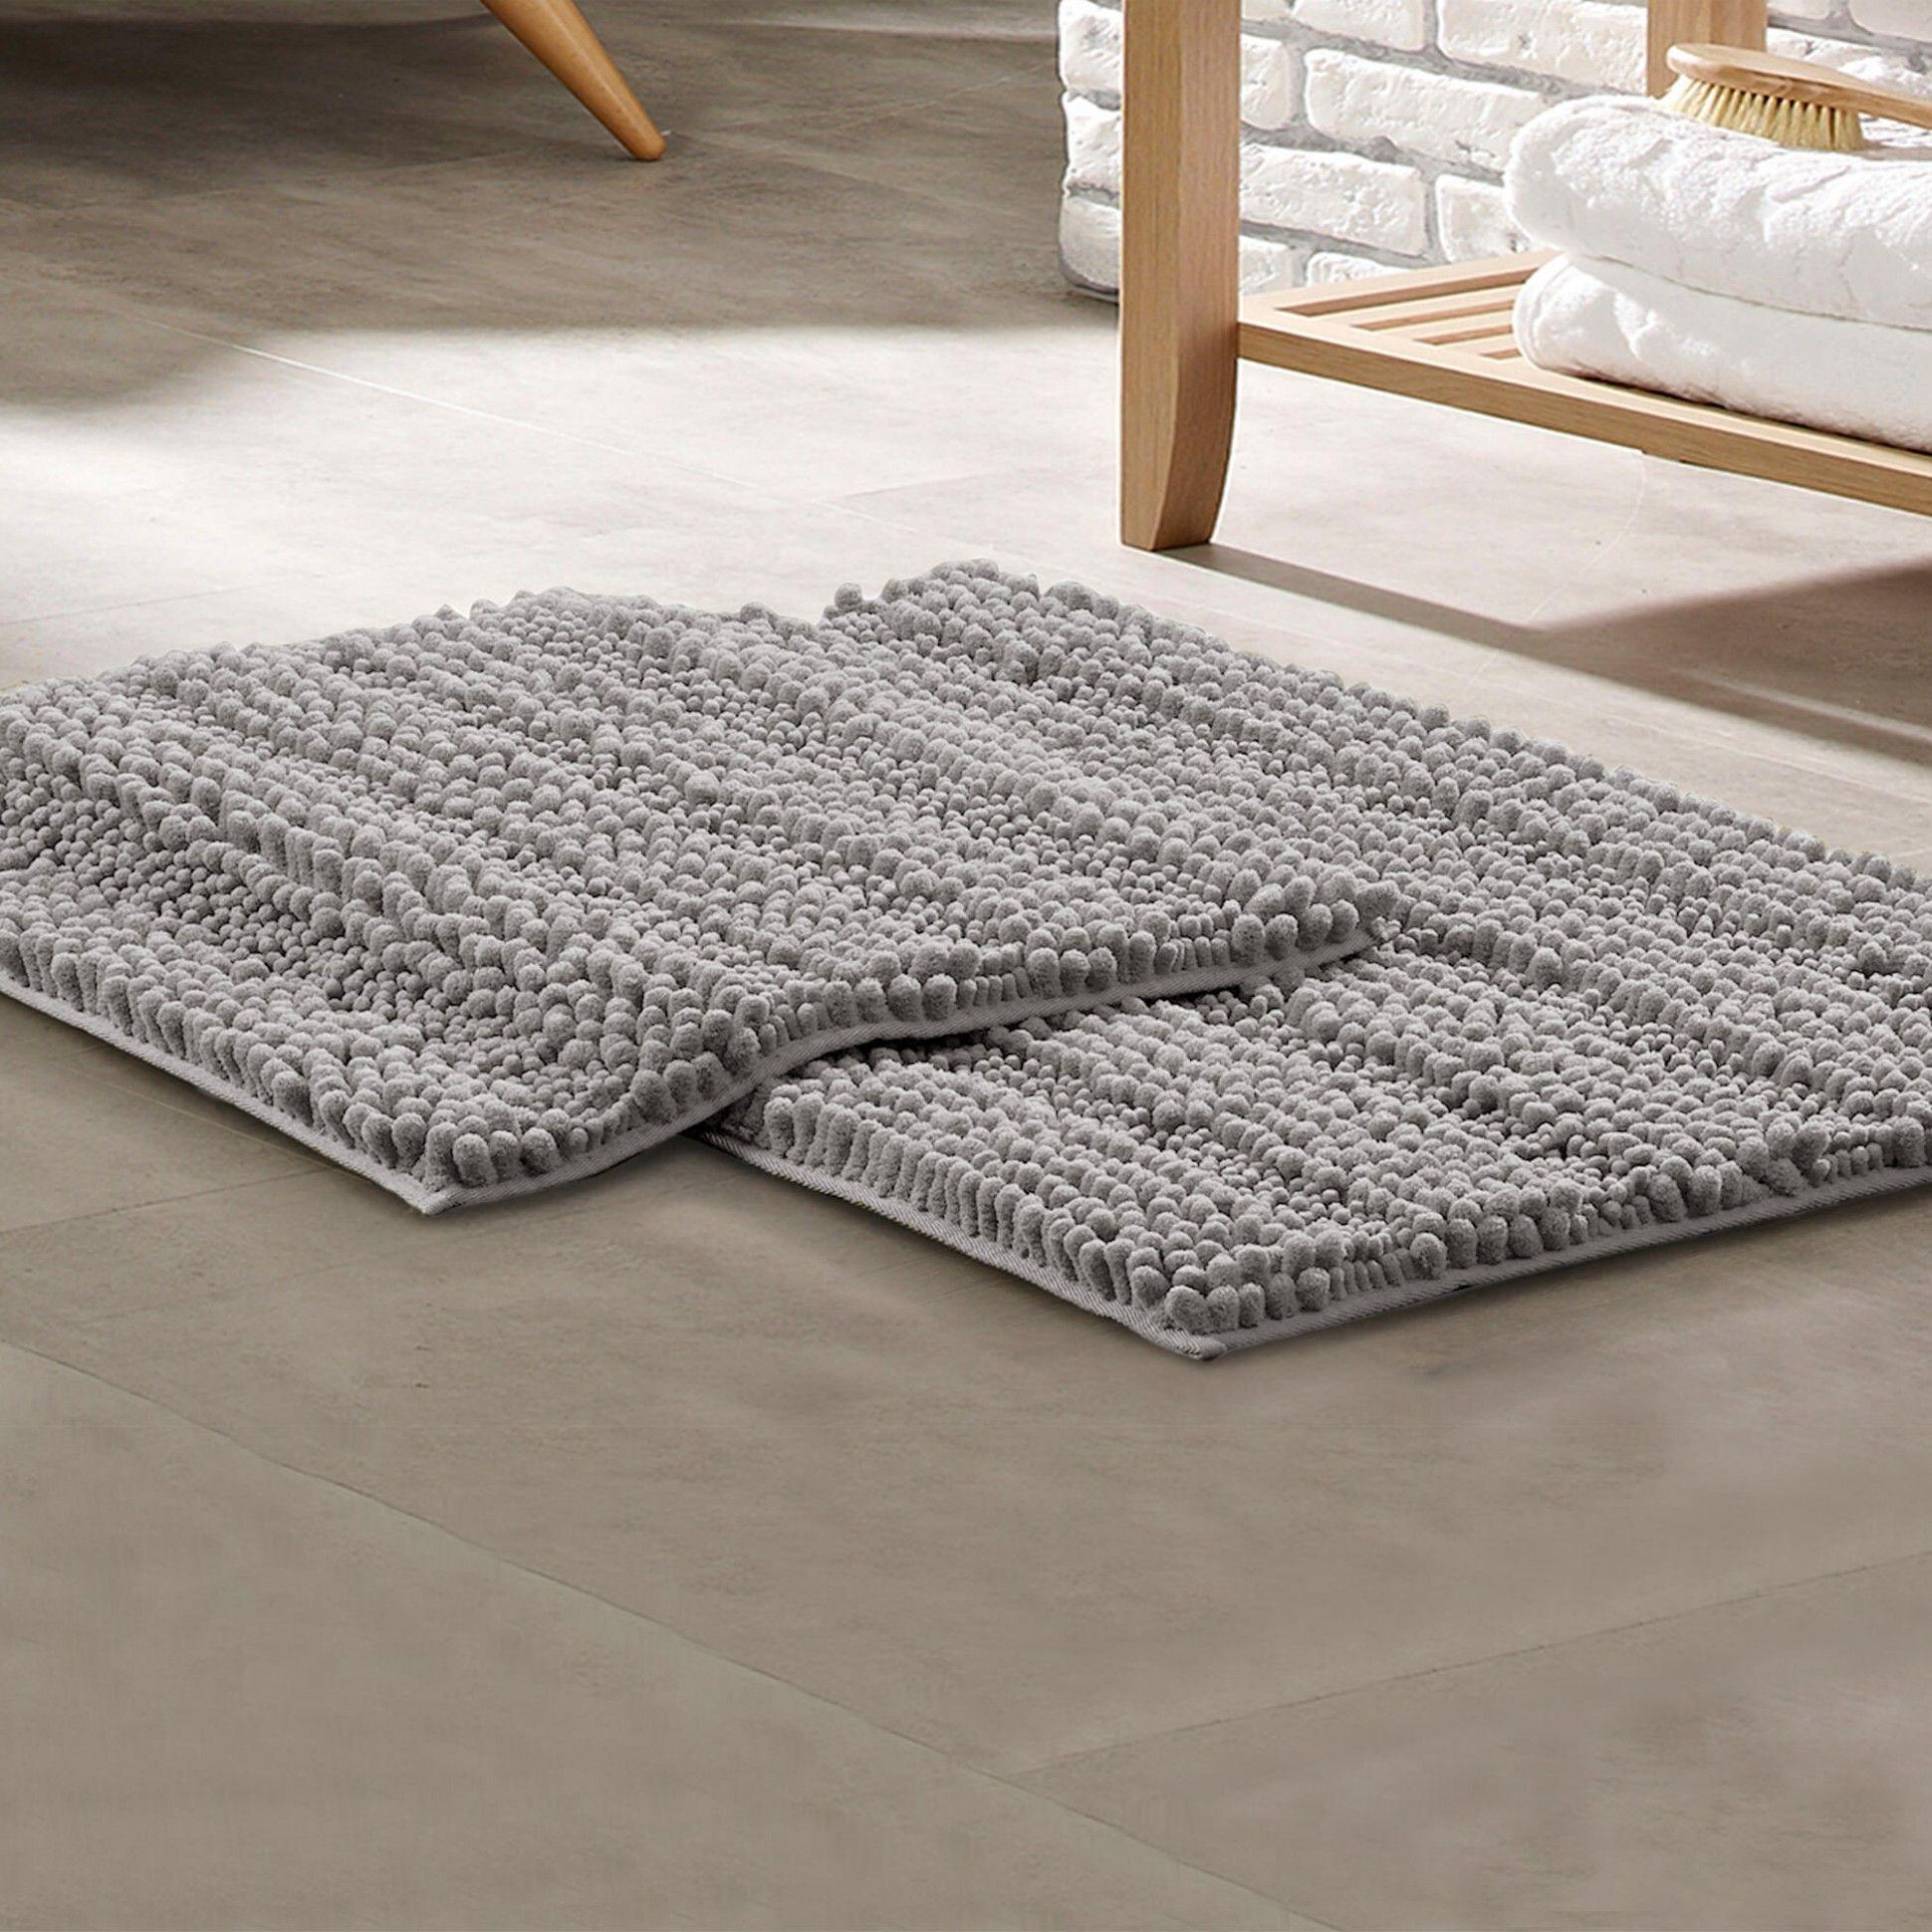 Wayfair Bathroom Mats in 4  Bath mat sets, Bath mat, Long